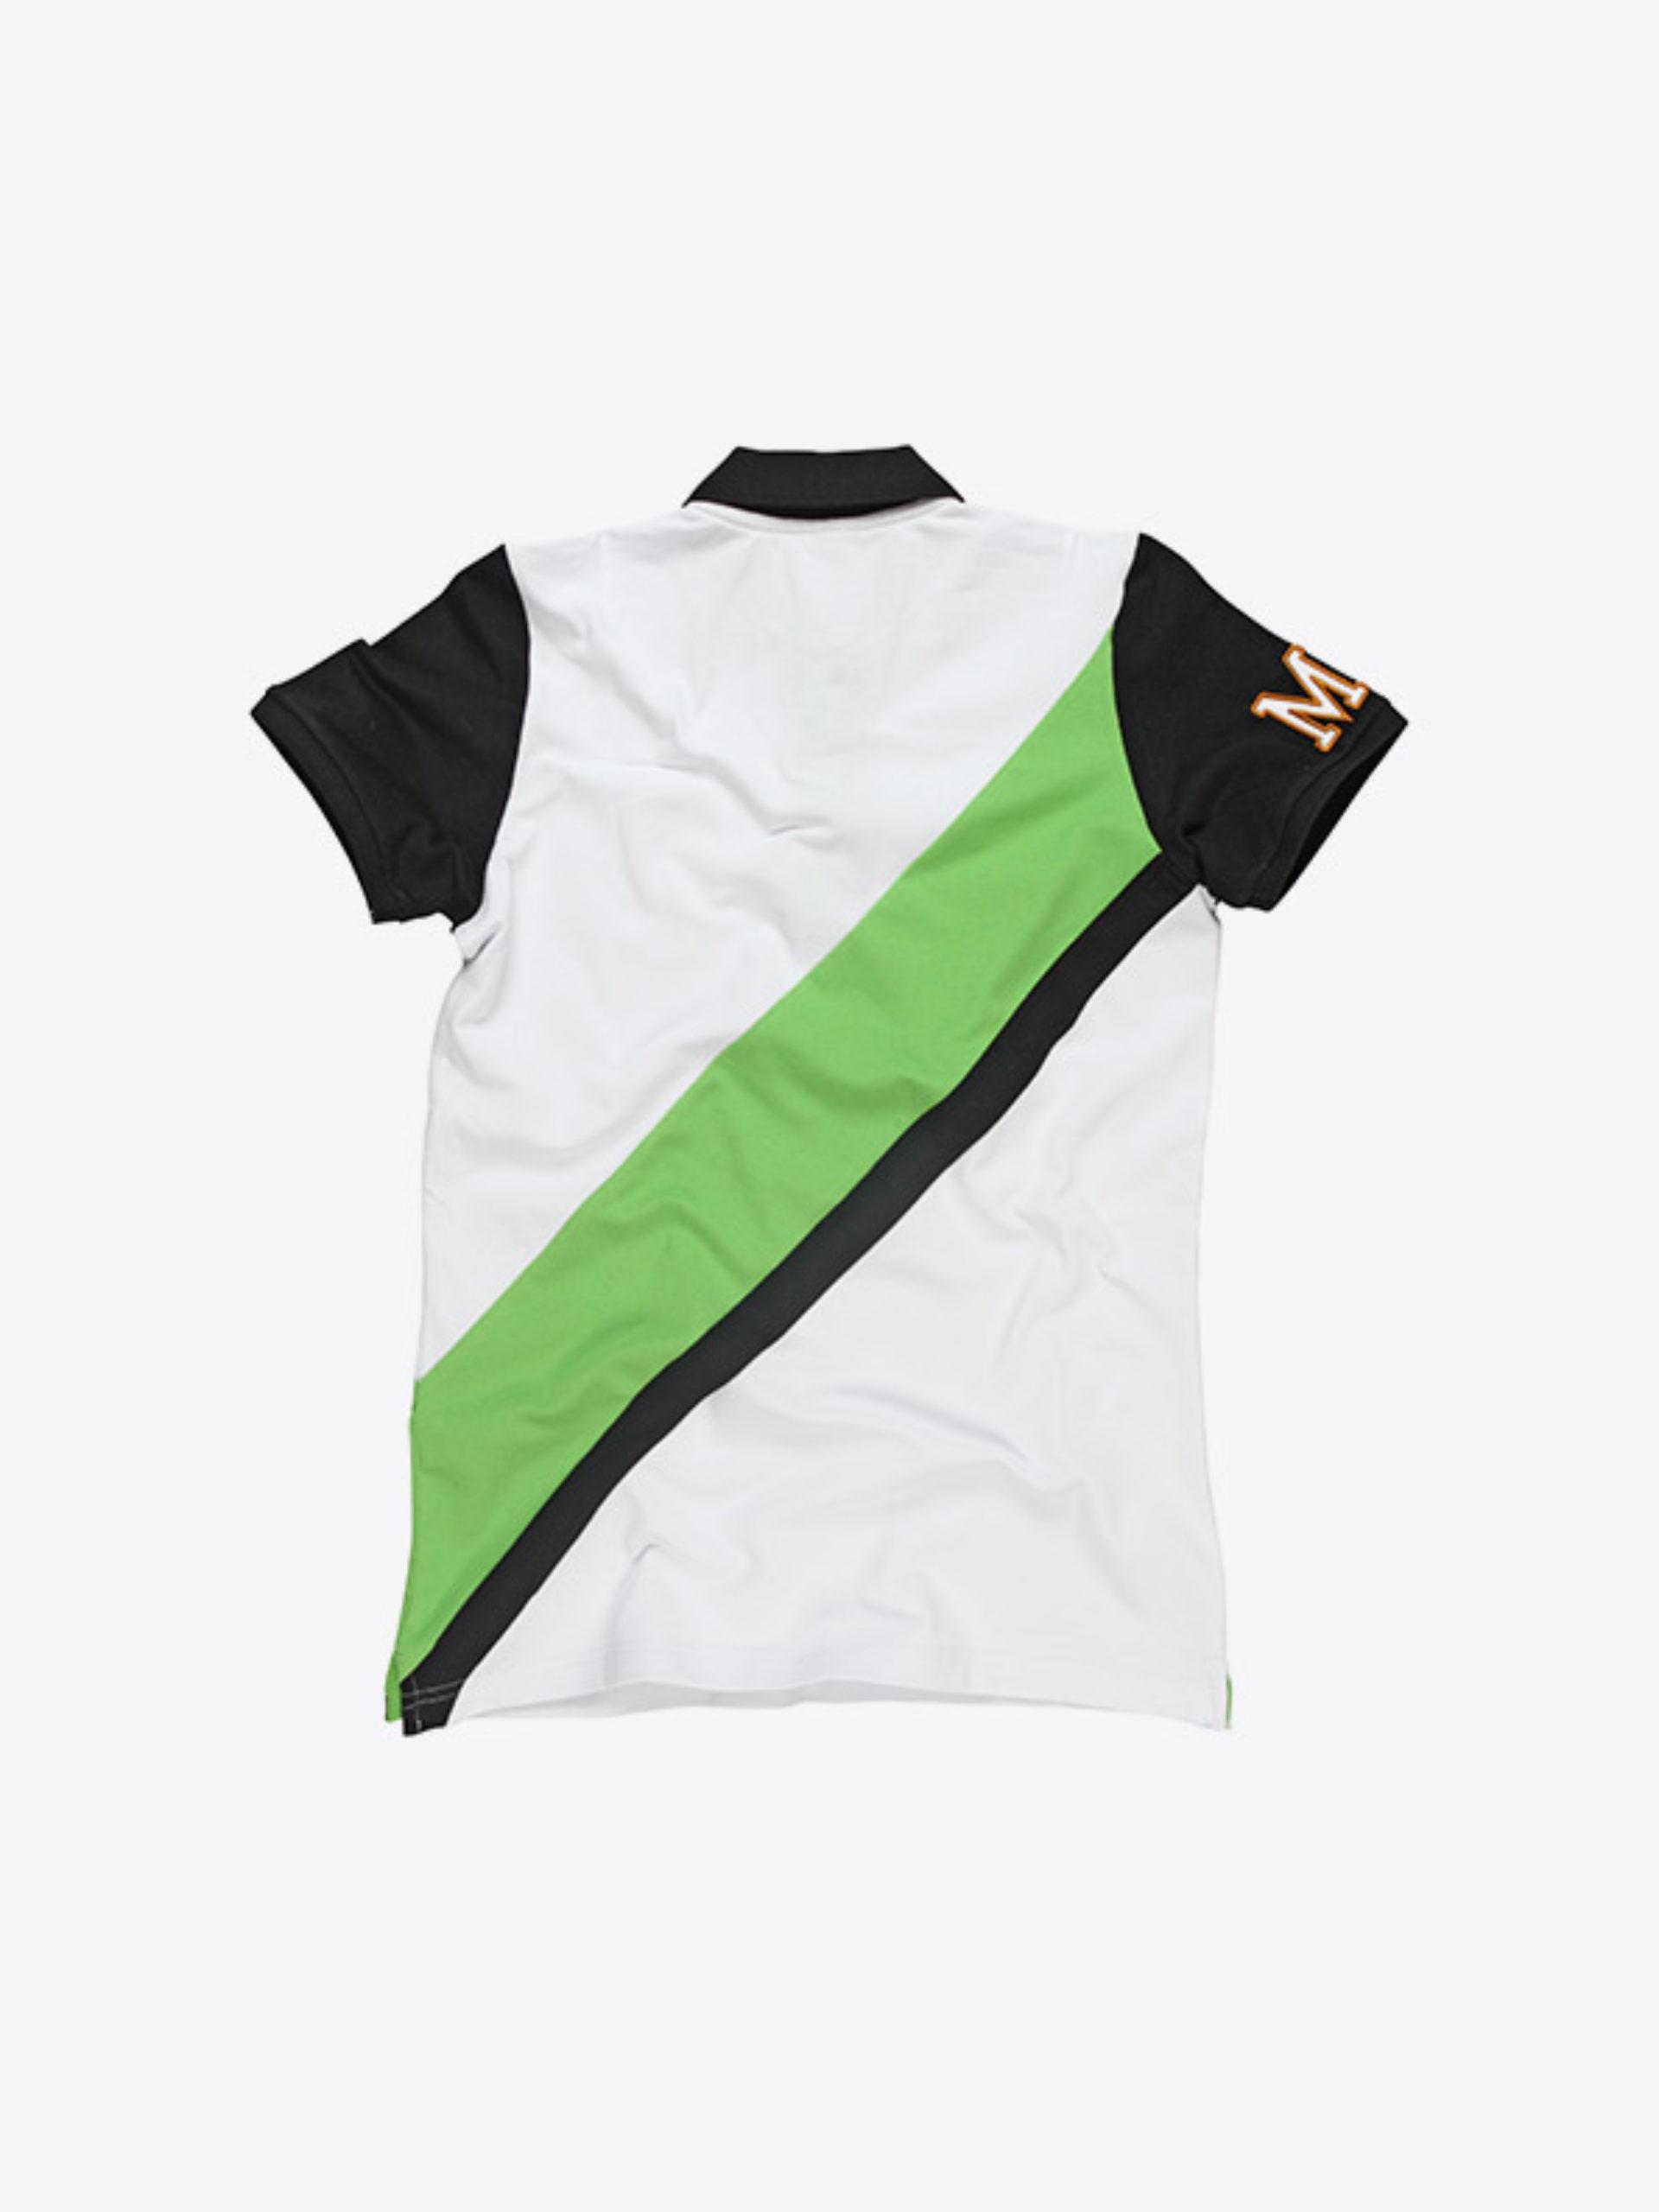 Damen Polo Shirt Kurzarm Besticken